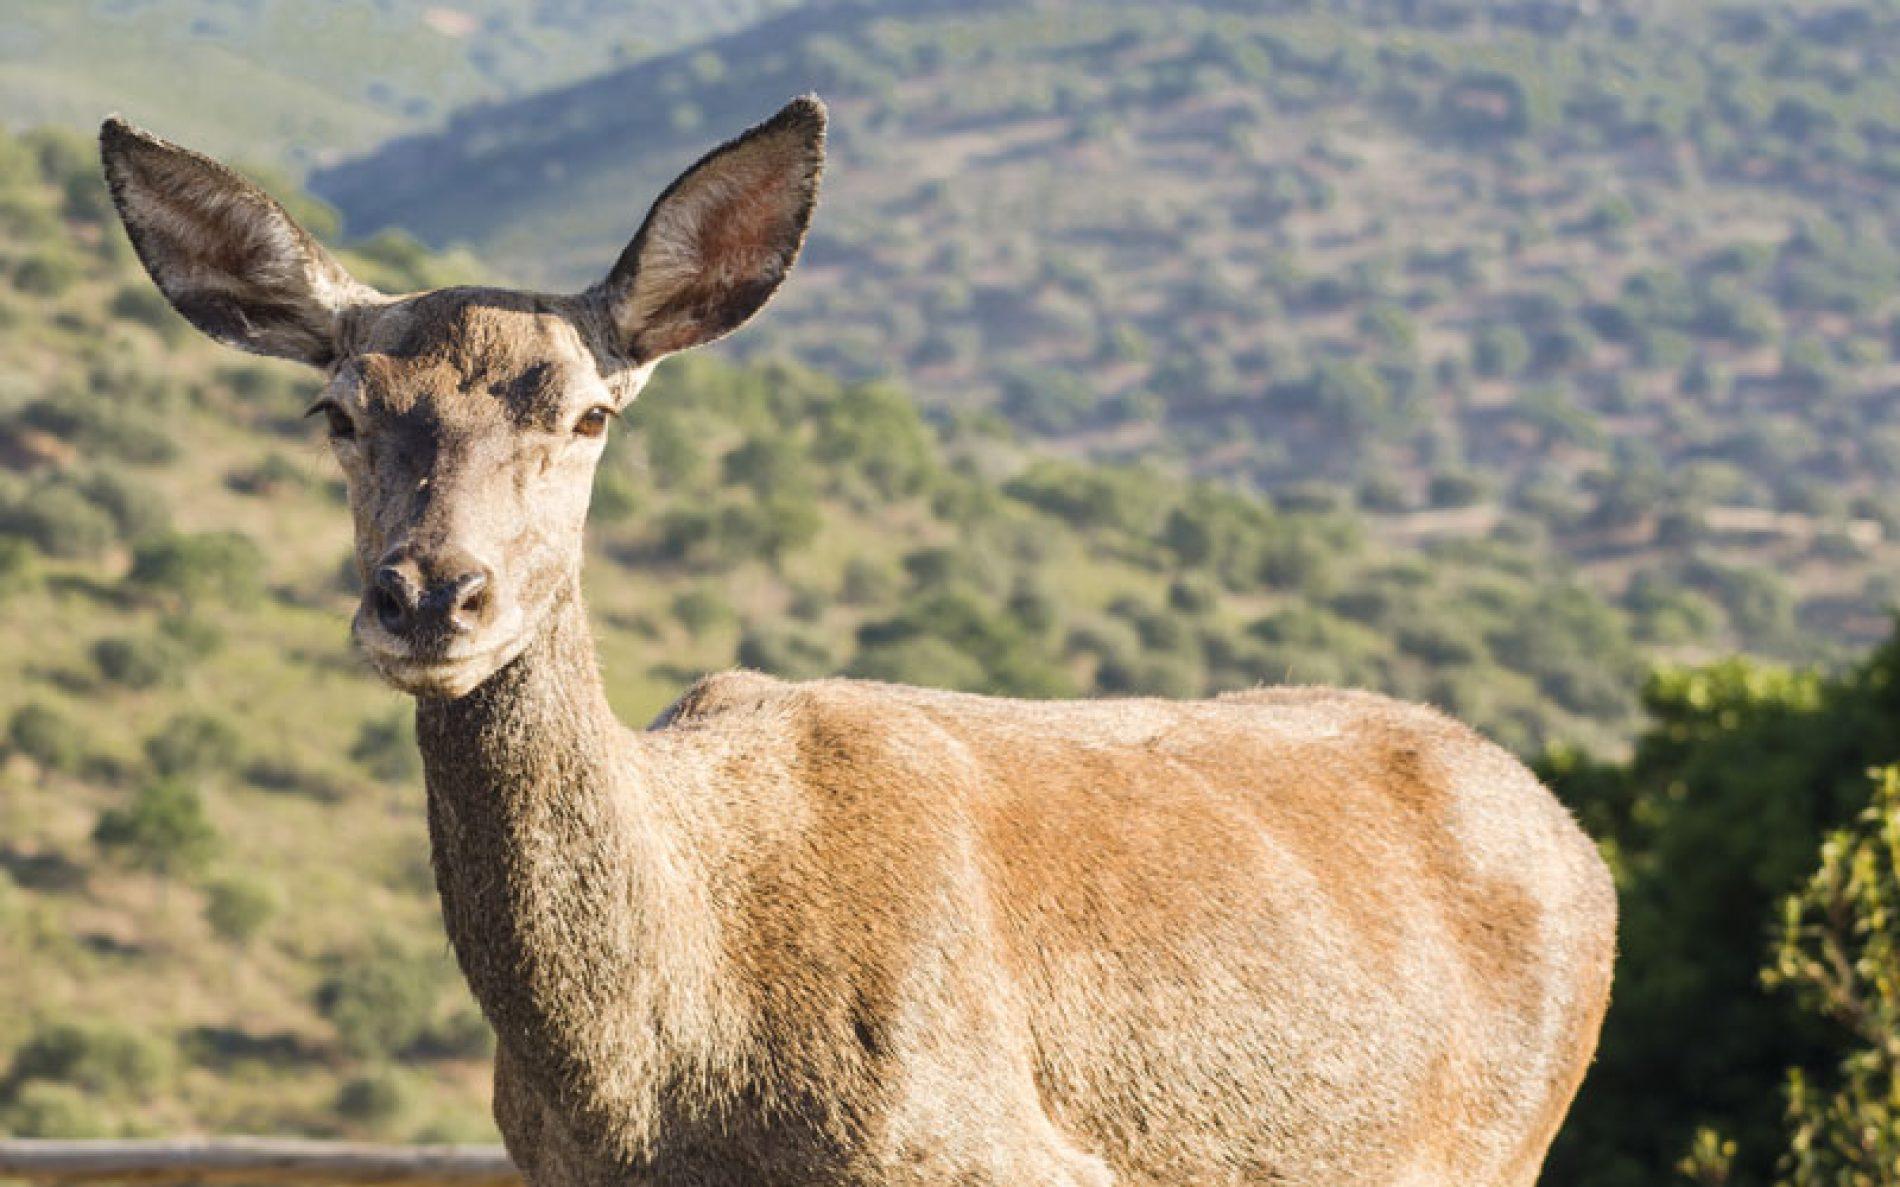 La matanza en el Parque Nacional de Monfragüe llega a la Fiscalía General